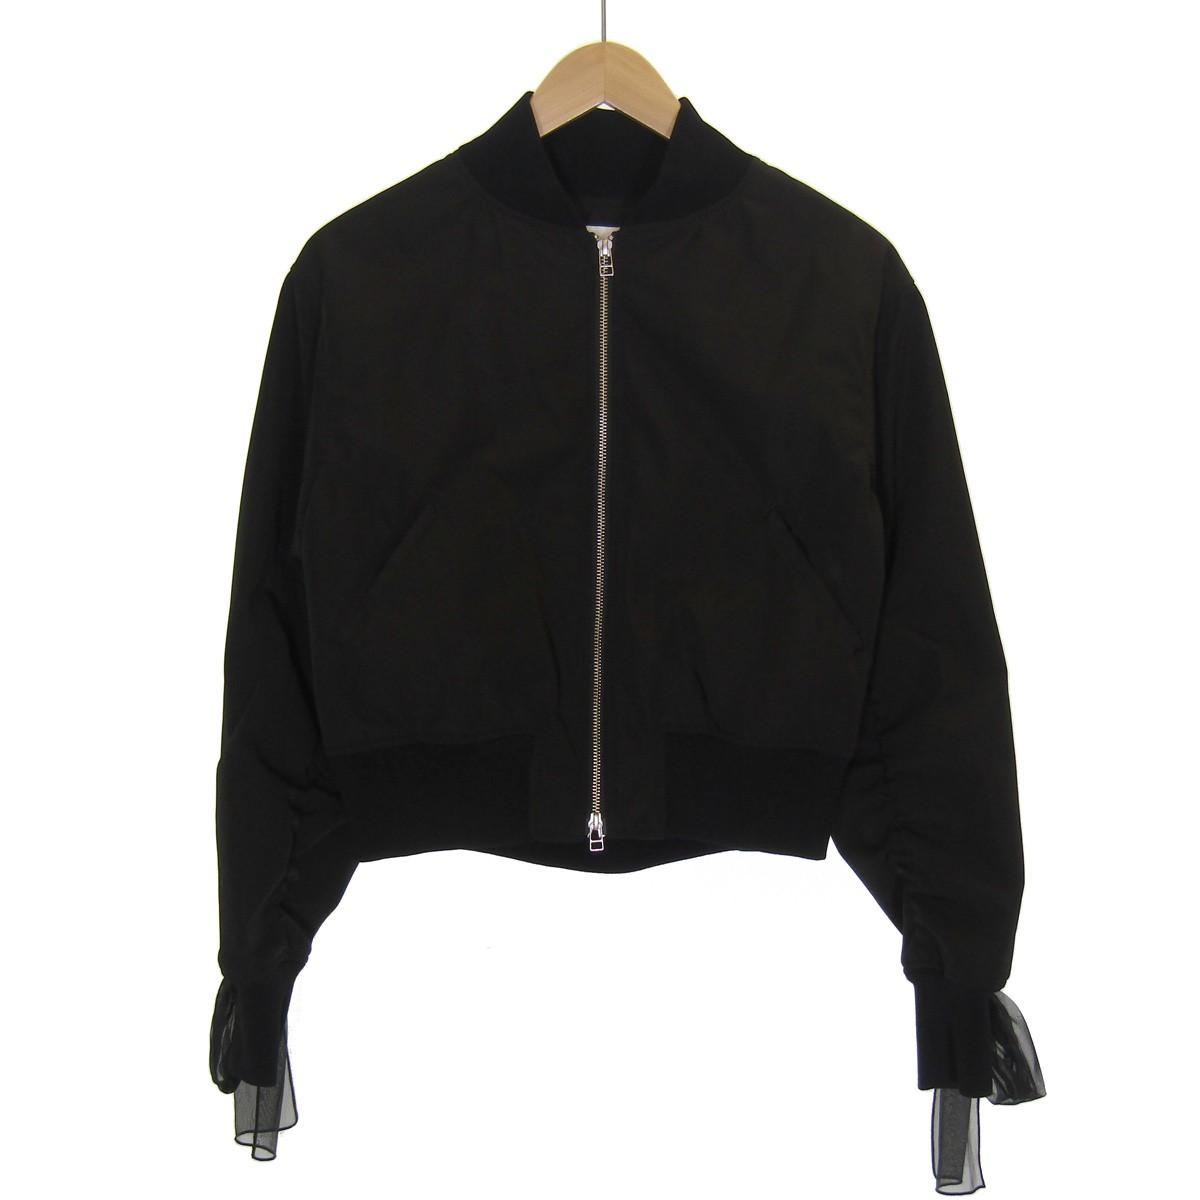 【中古】LE CIEL BLEU Sheer Whipstitch BZ ジャケット ブラック サイズ:38 【131019】(ルシェルブルー)